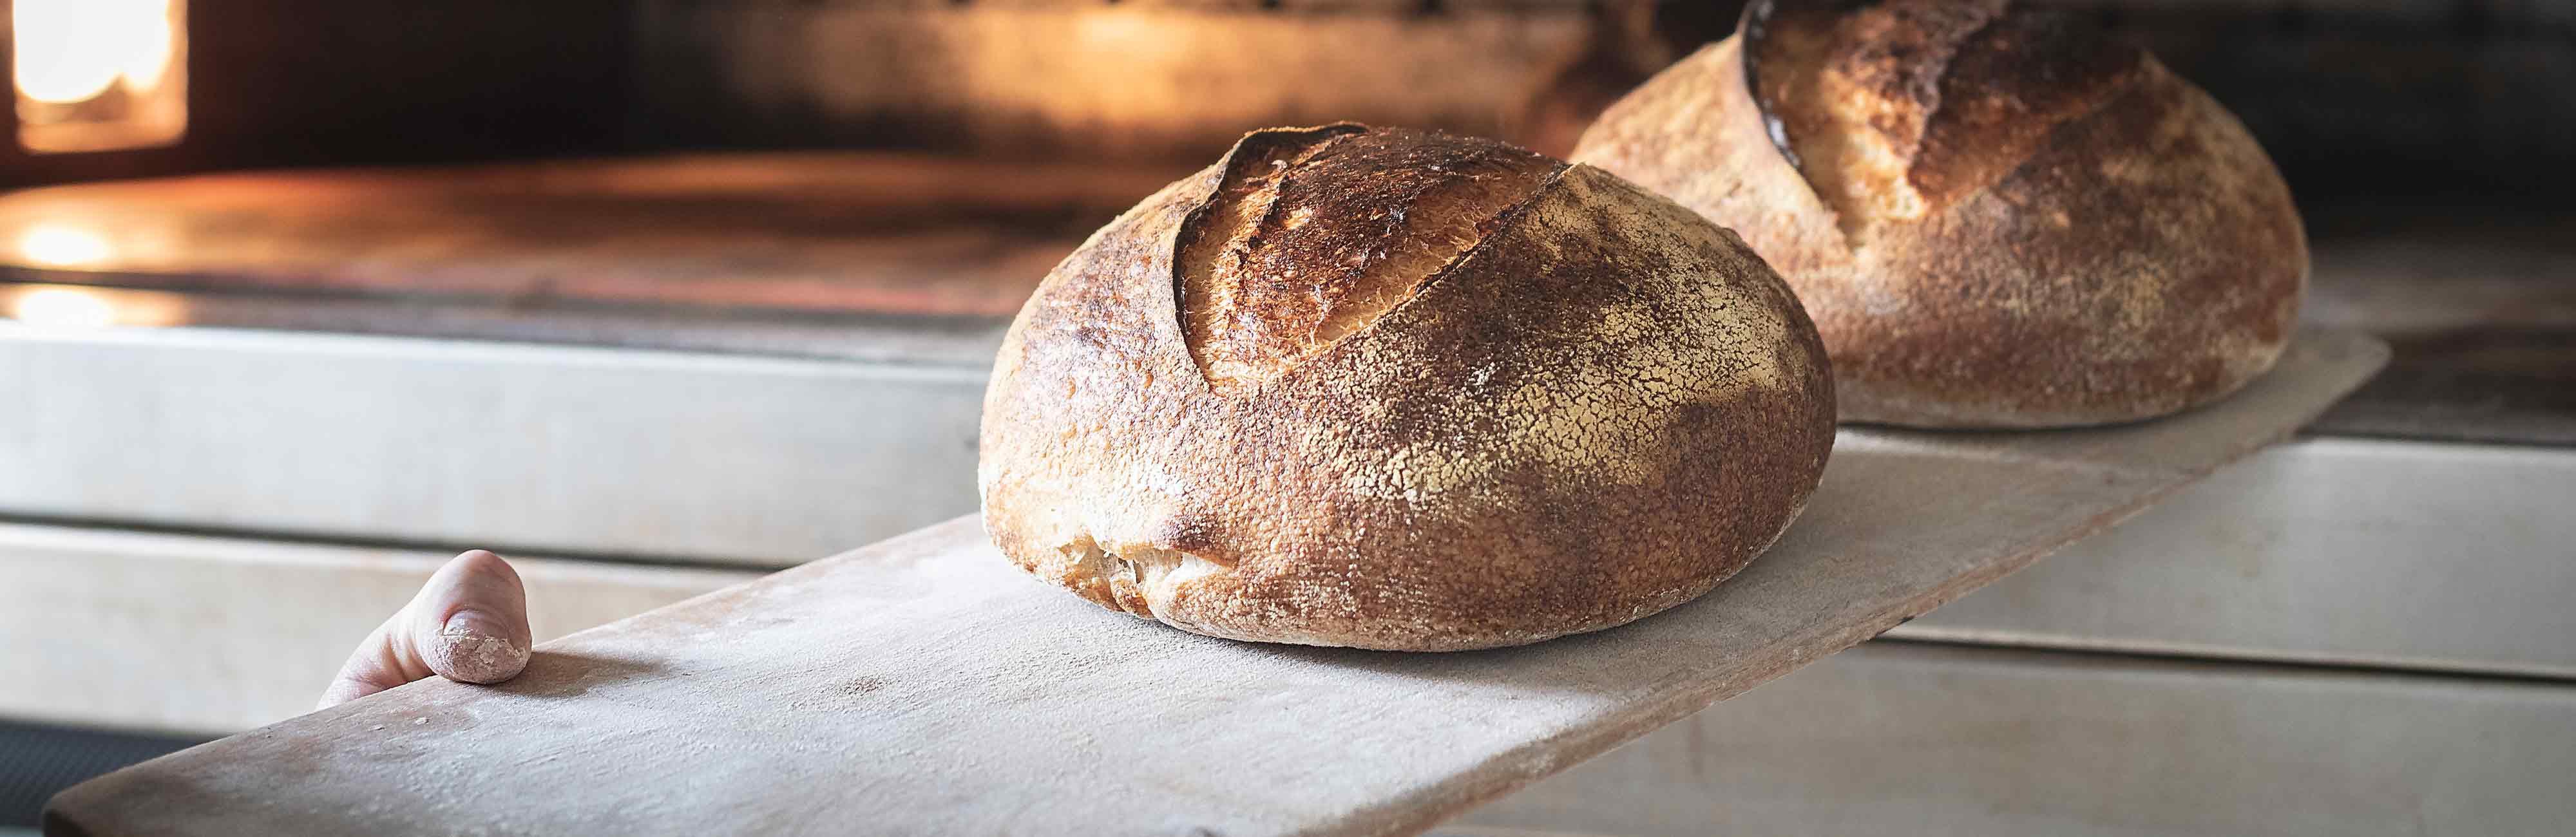 Carls Hofbäckerei - Brot wird aus dem Ofen geholt